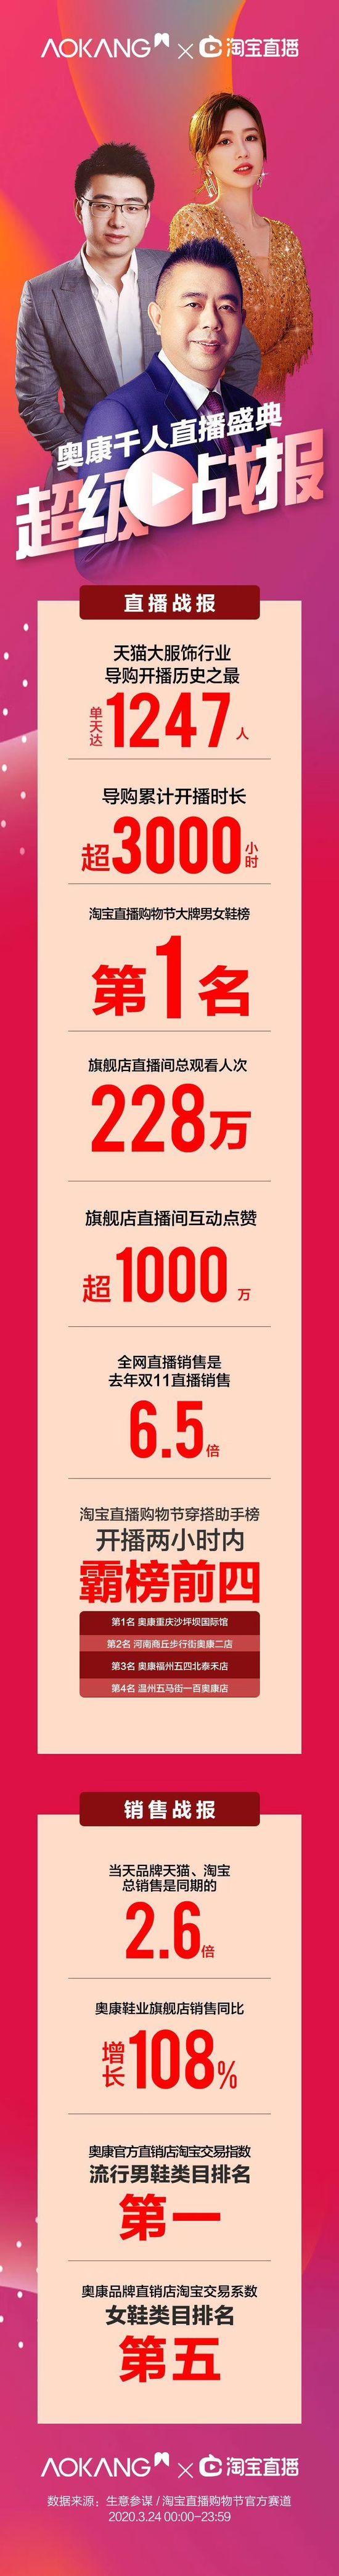 """奥康公布""""新风尚·千人直播""""活动战报 单日1247人开播"""